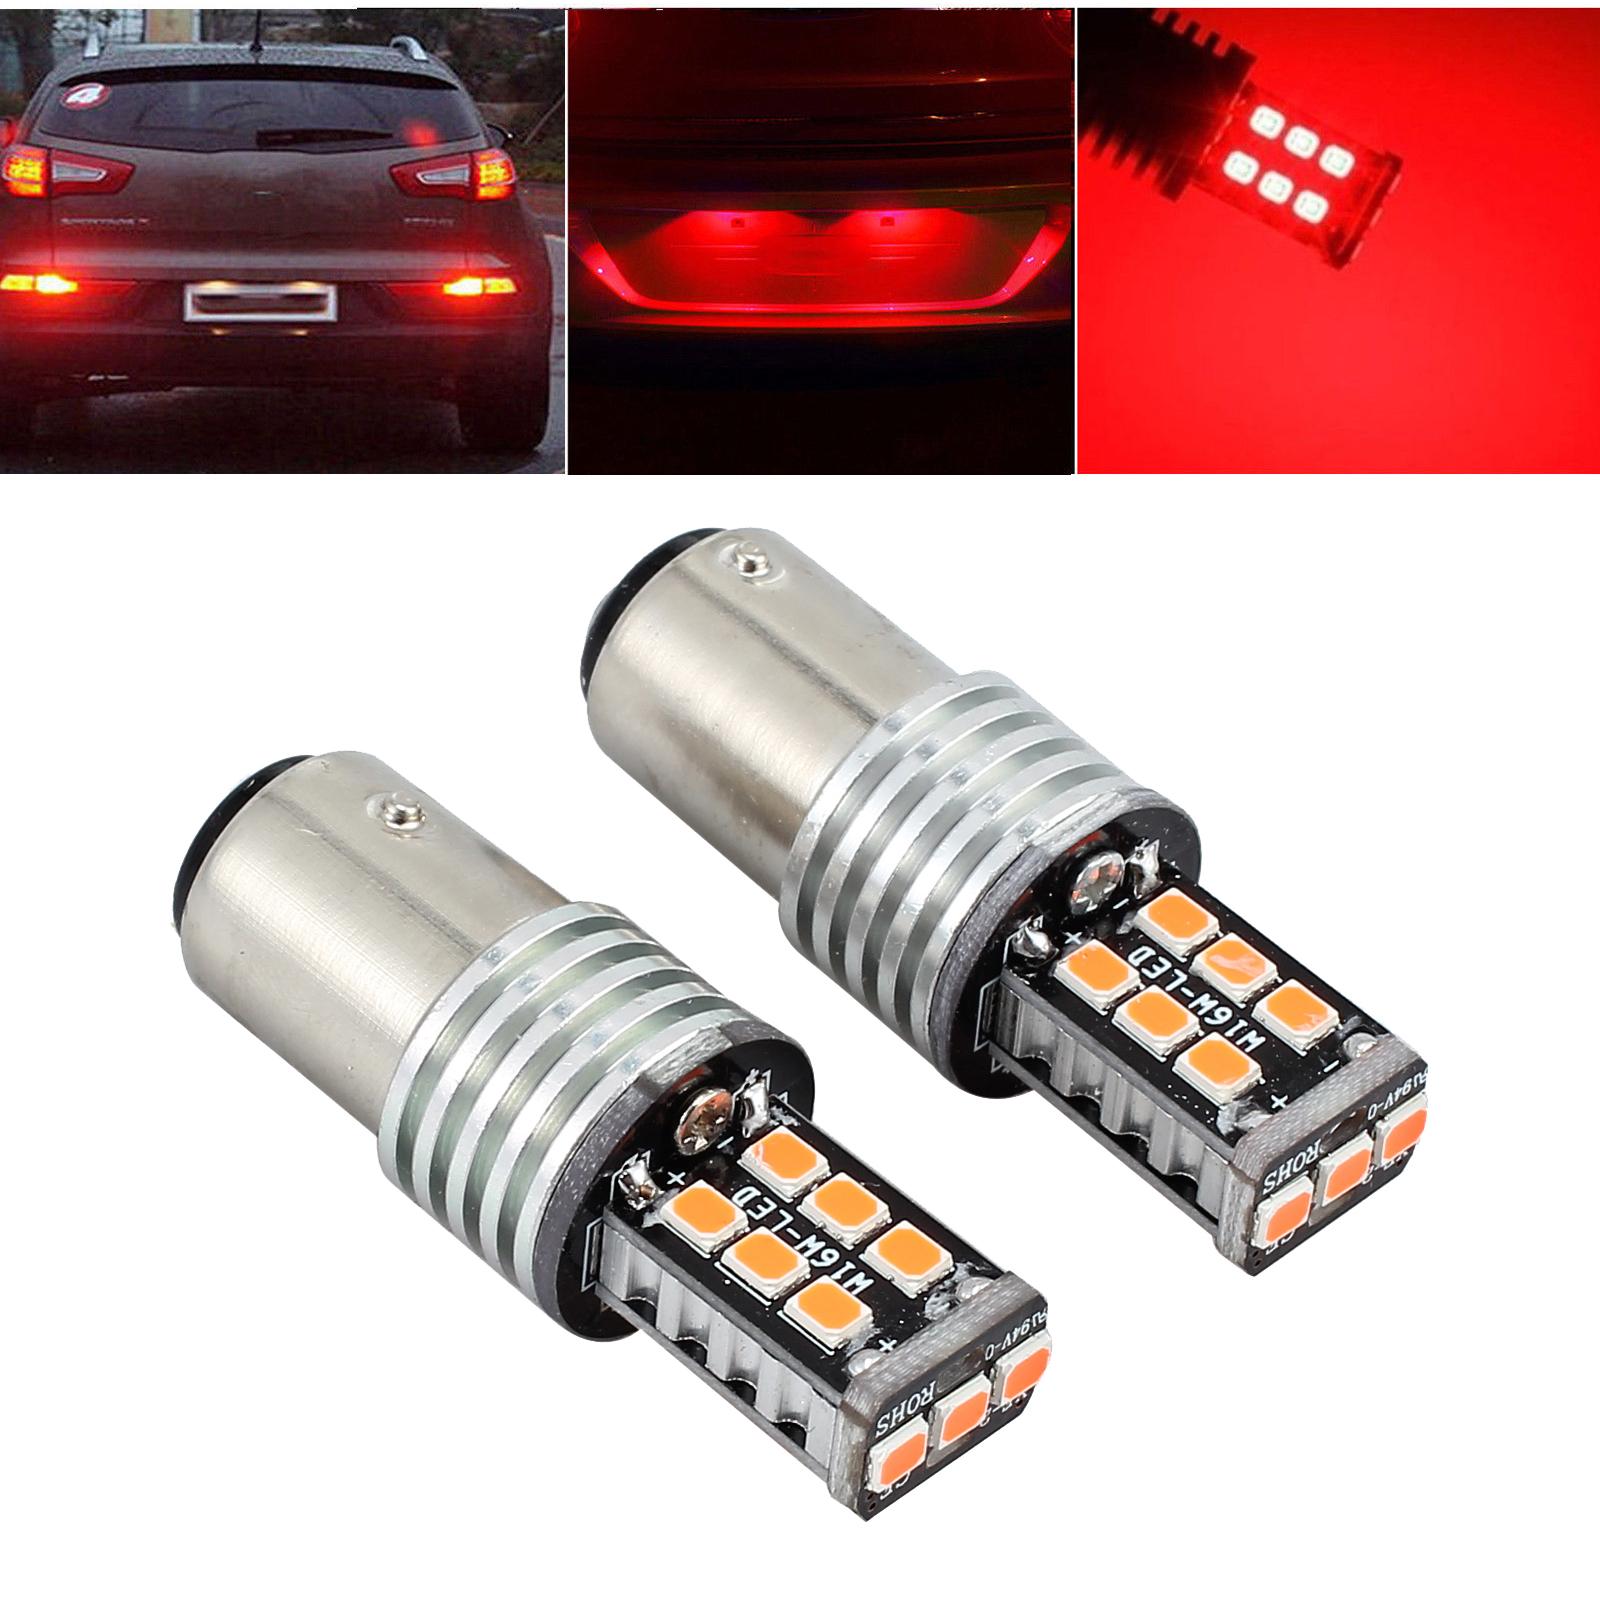 6pcs 50-SMD LED 1156 BA15S 382 P21W Brake Stop Tail Light Bulb Globe 12v CA